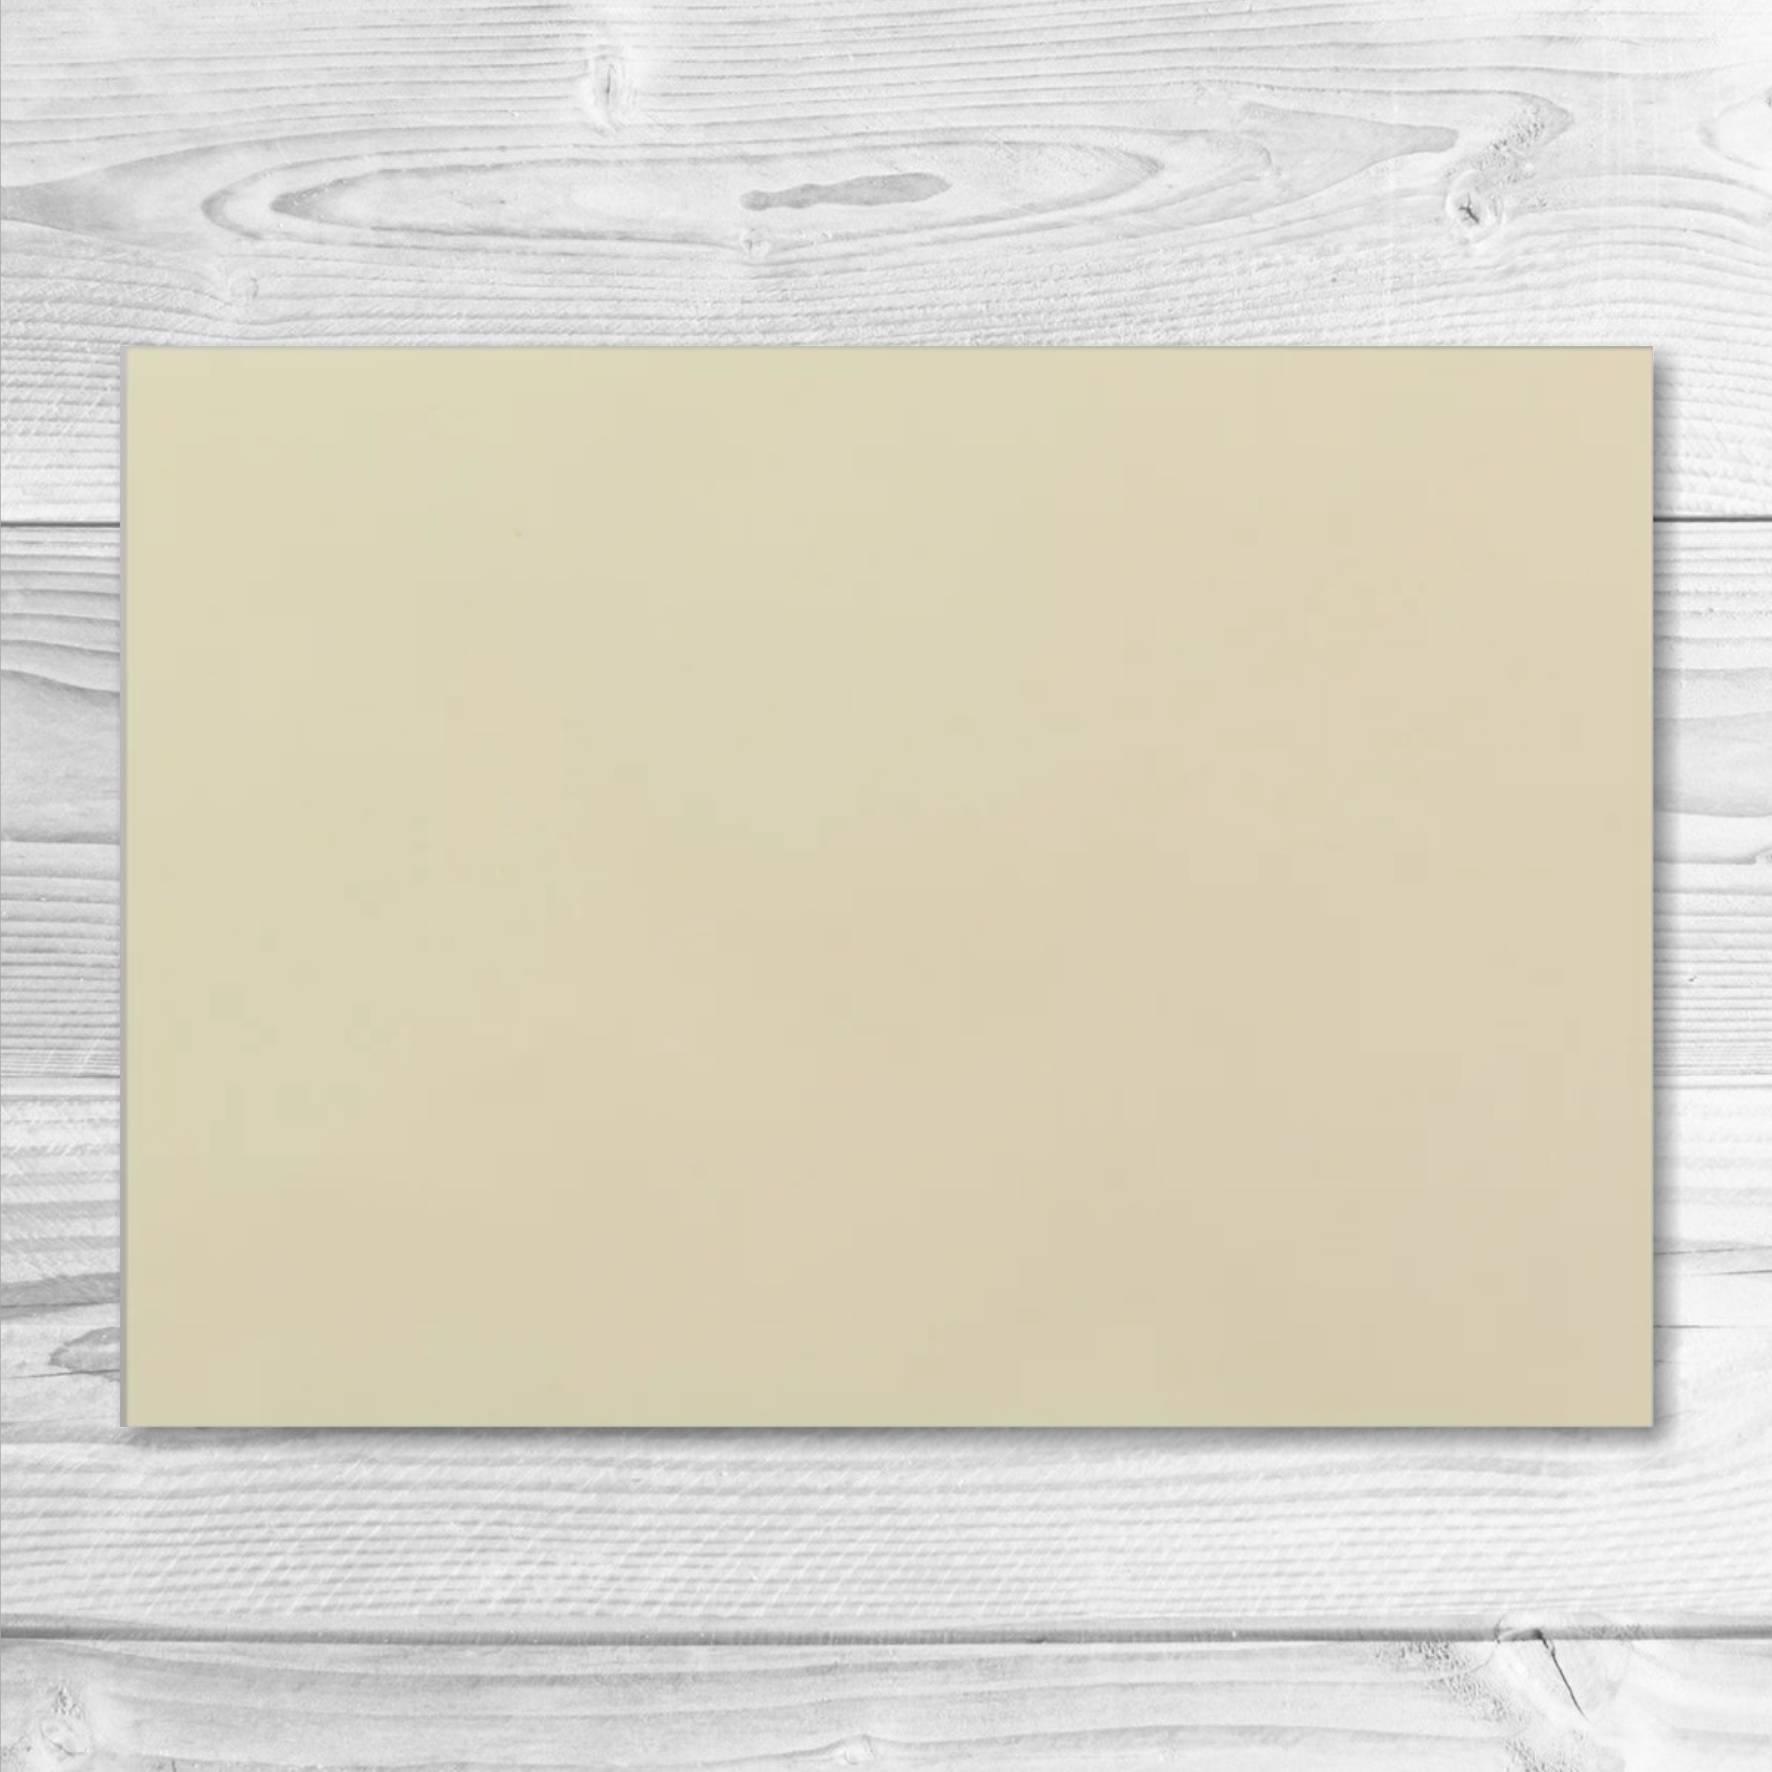 enveloppe crème 13 x 19 cm